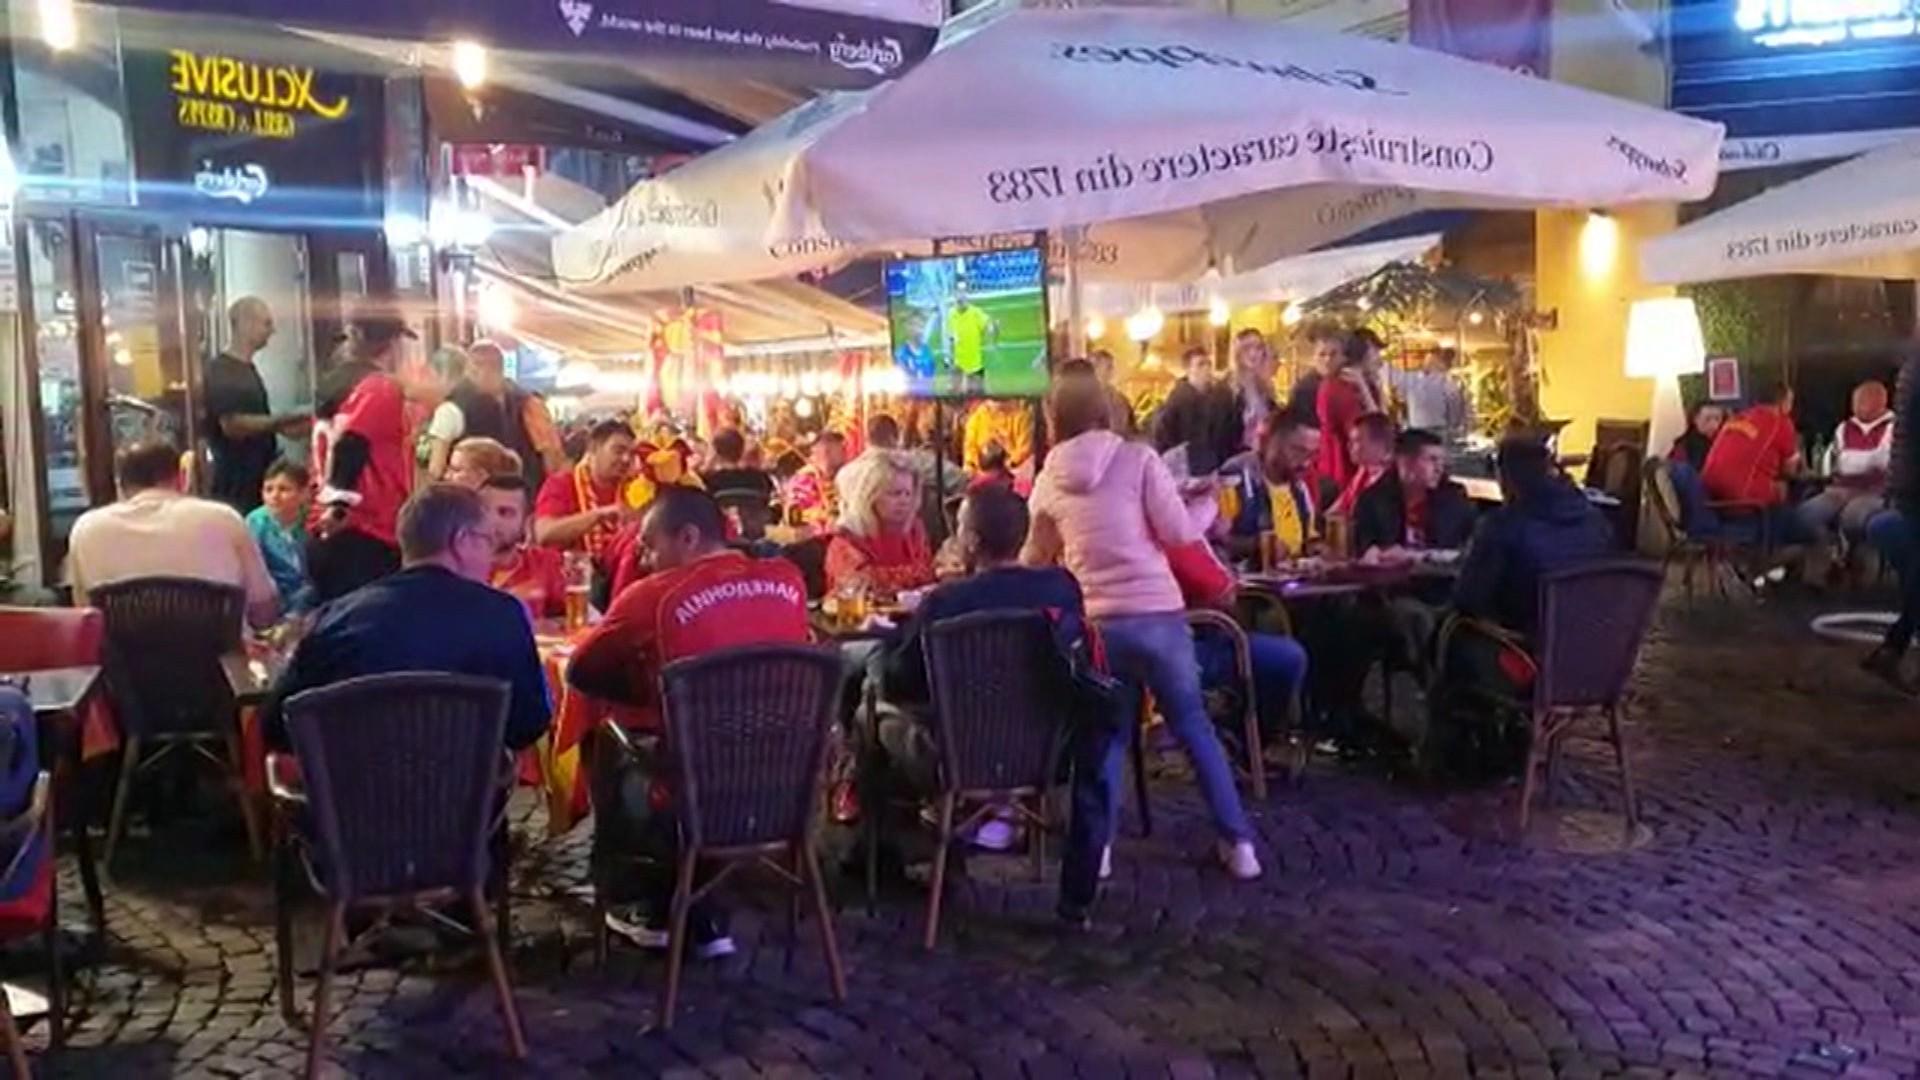 România, la primul meci găzduit vreodată la un Campionat European: Petrecerea de pe stadion s-a mutat în Centrul Vechi